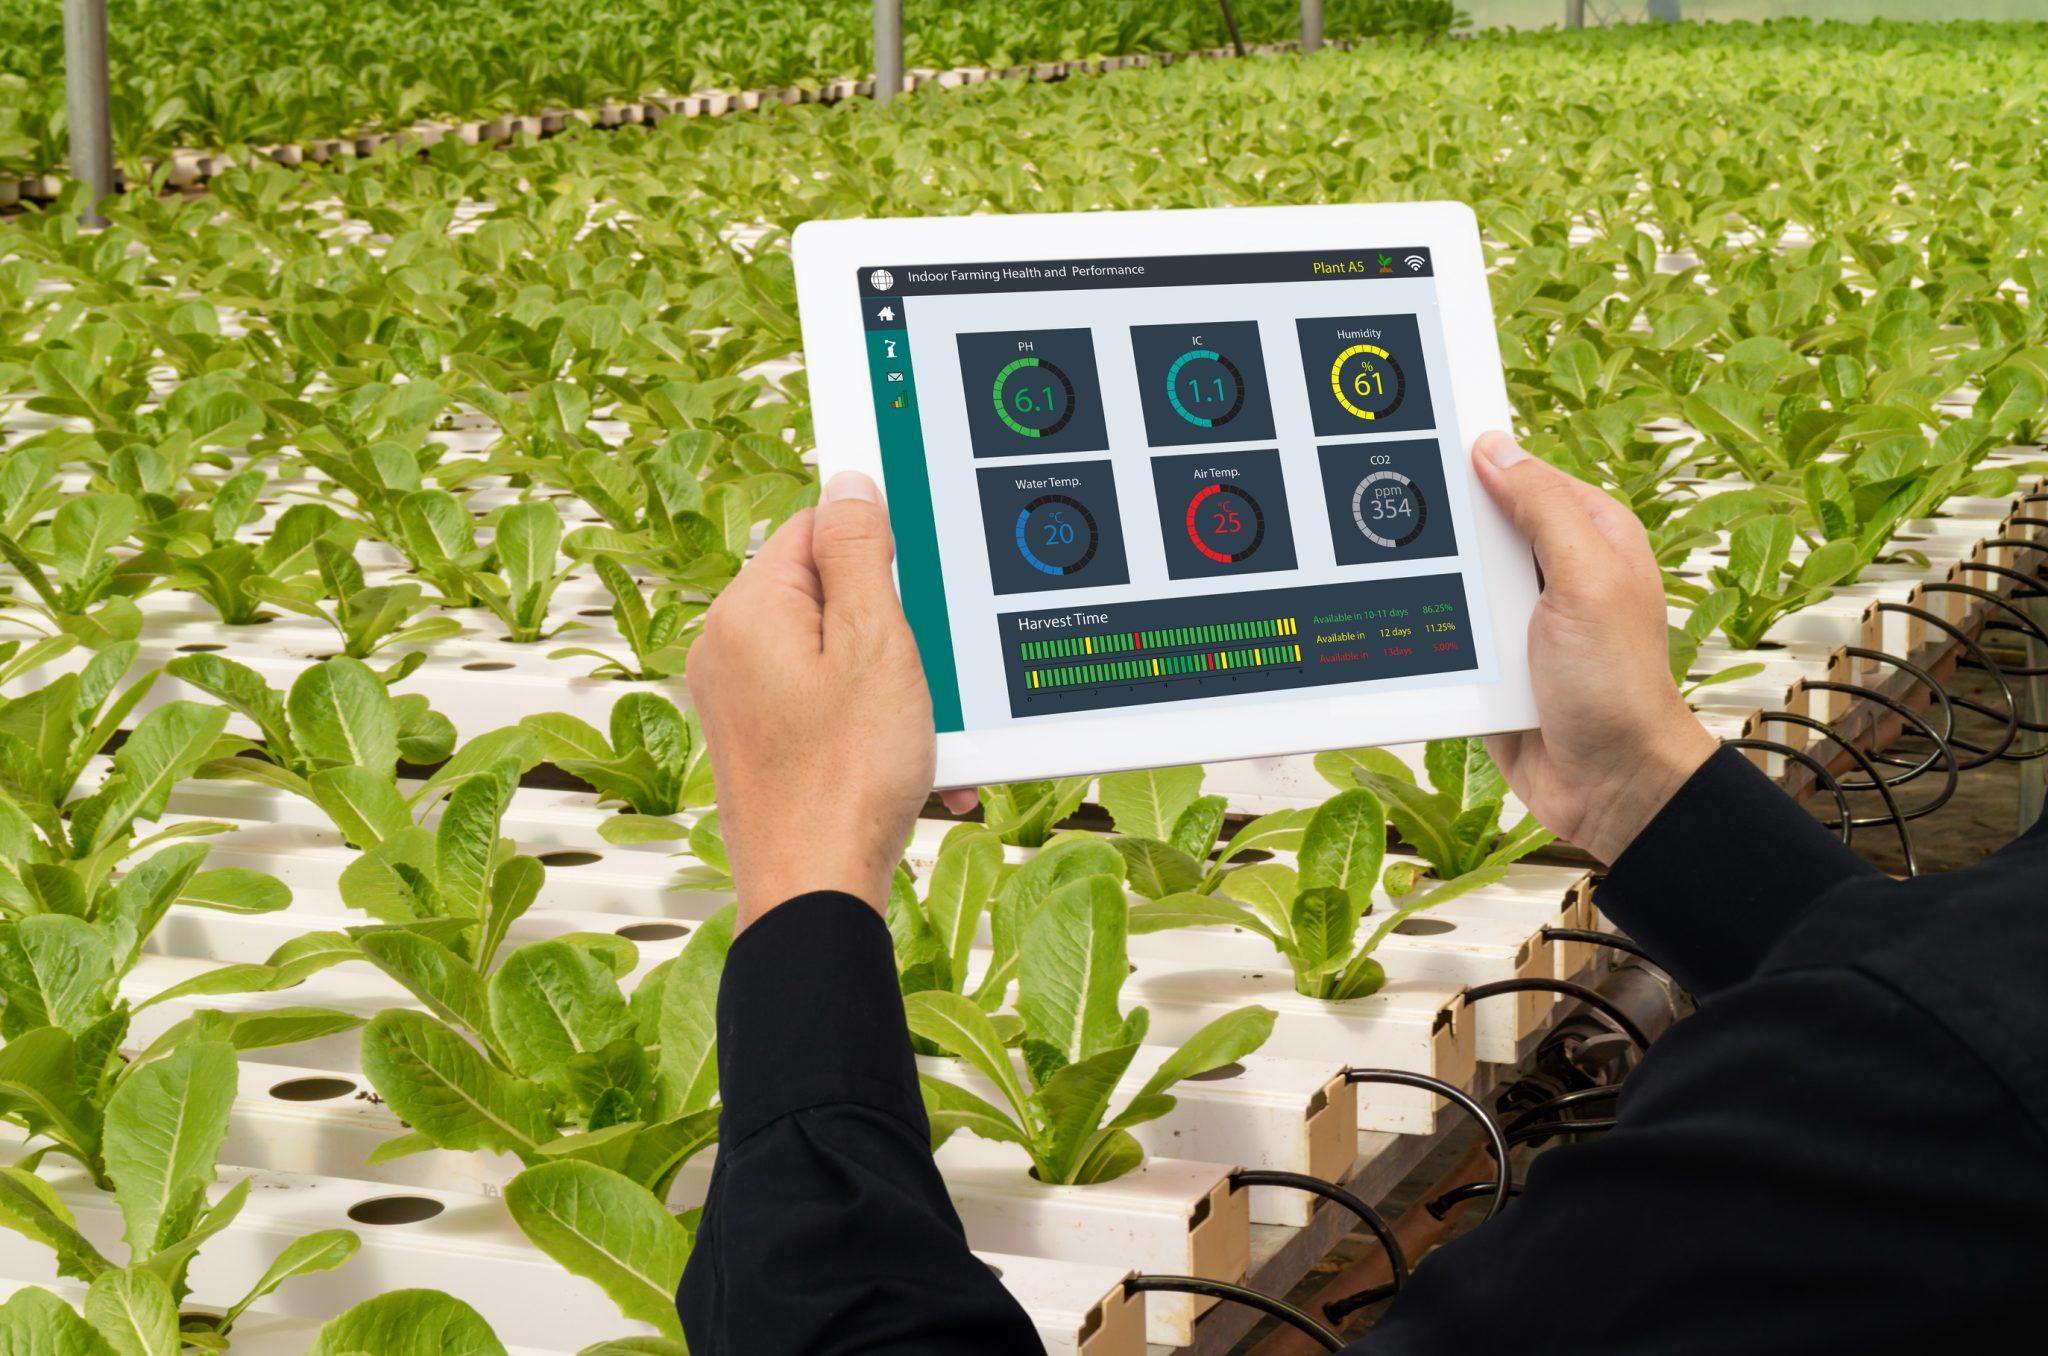 Startup-ul Mobile Control lansează un sistem smart al serelor prin smartphone